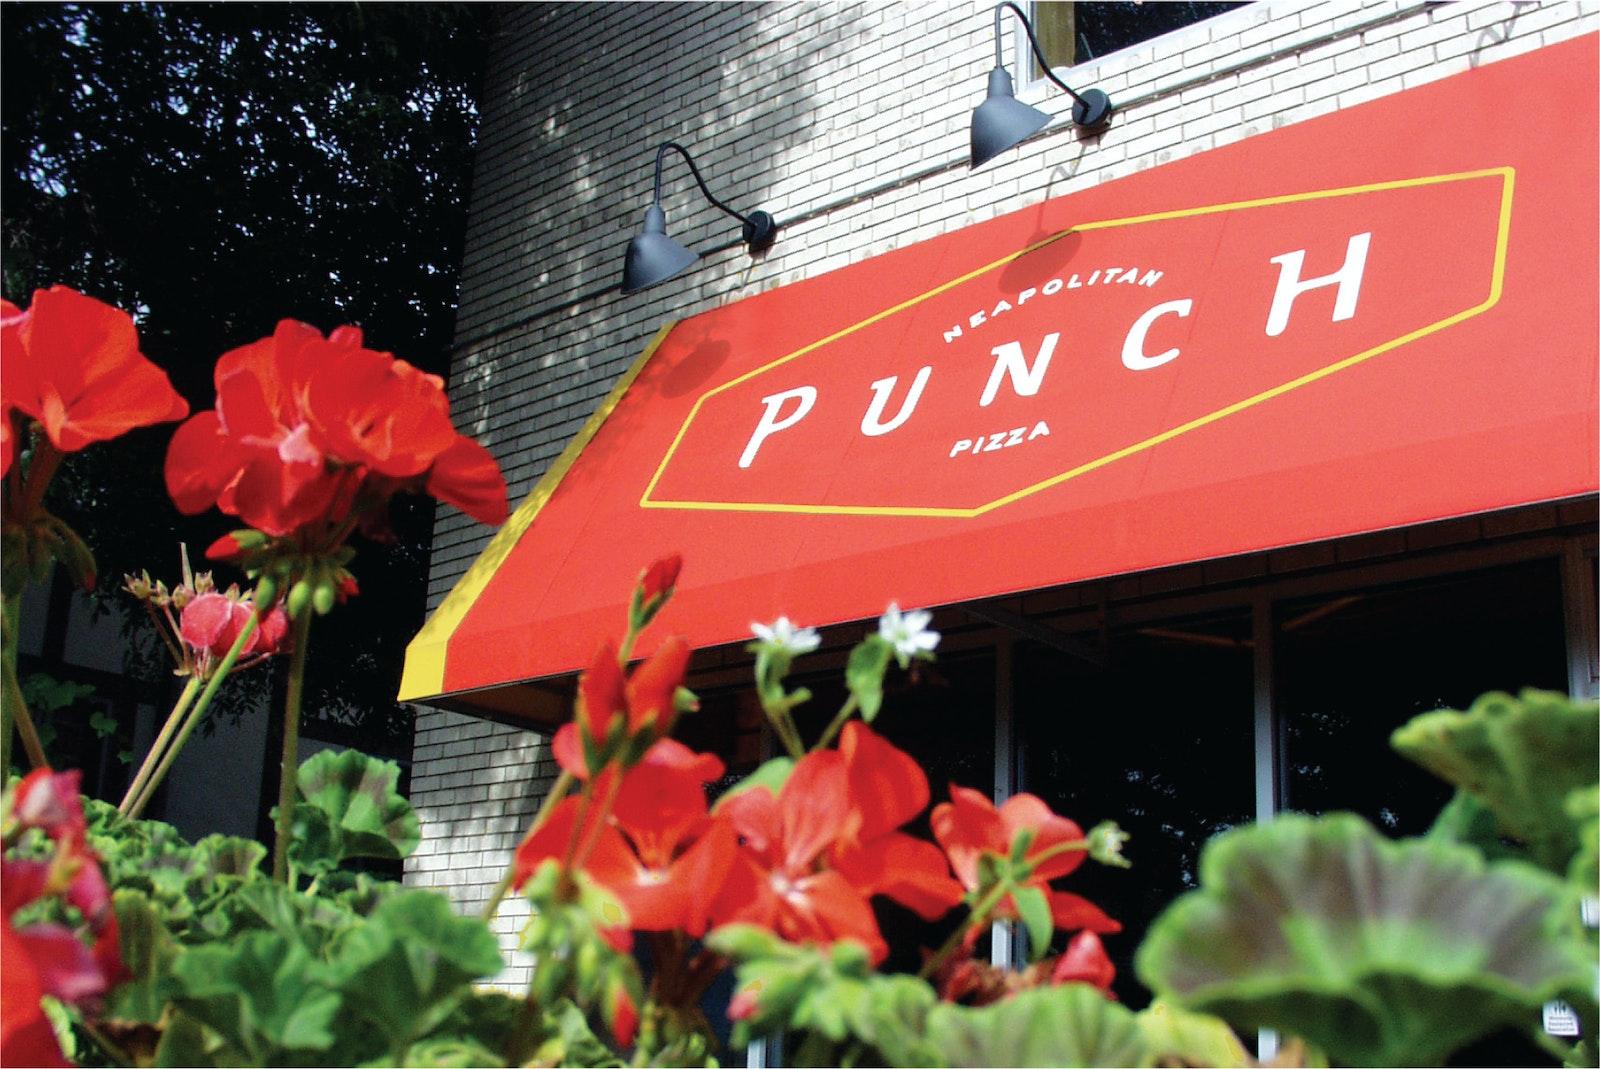 Punch Signage